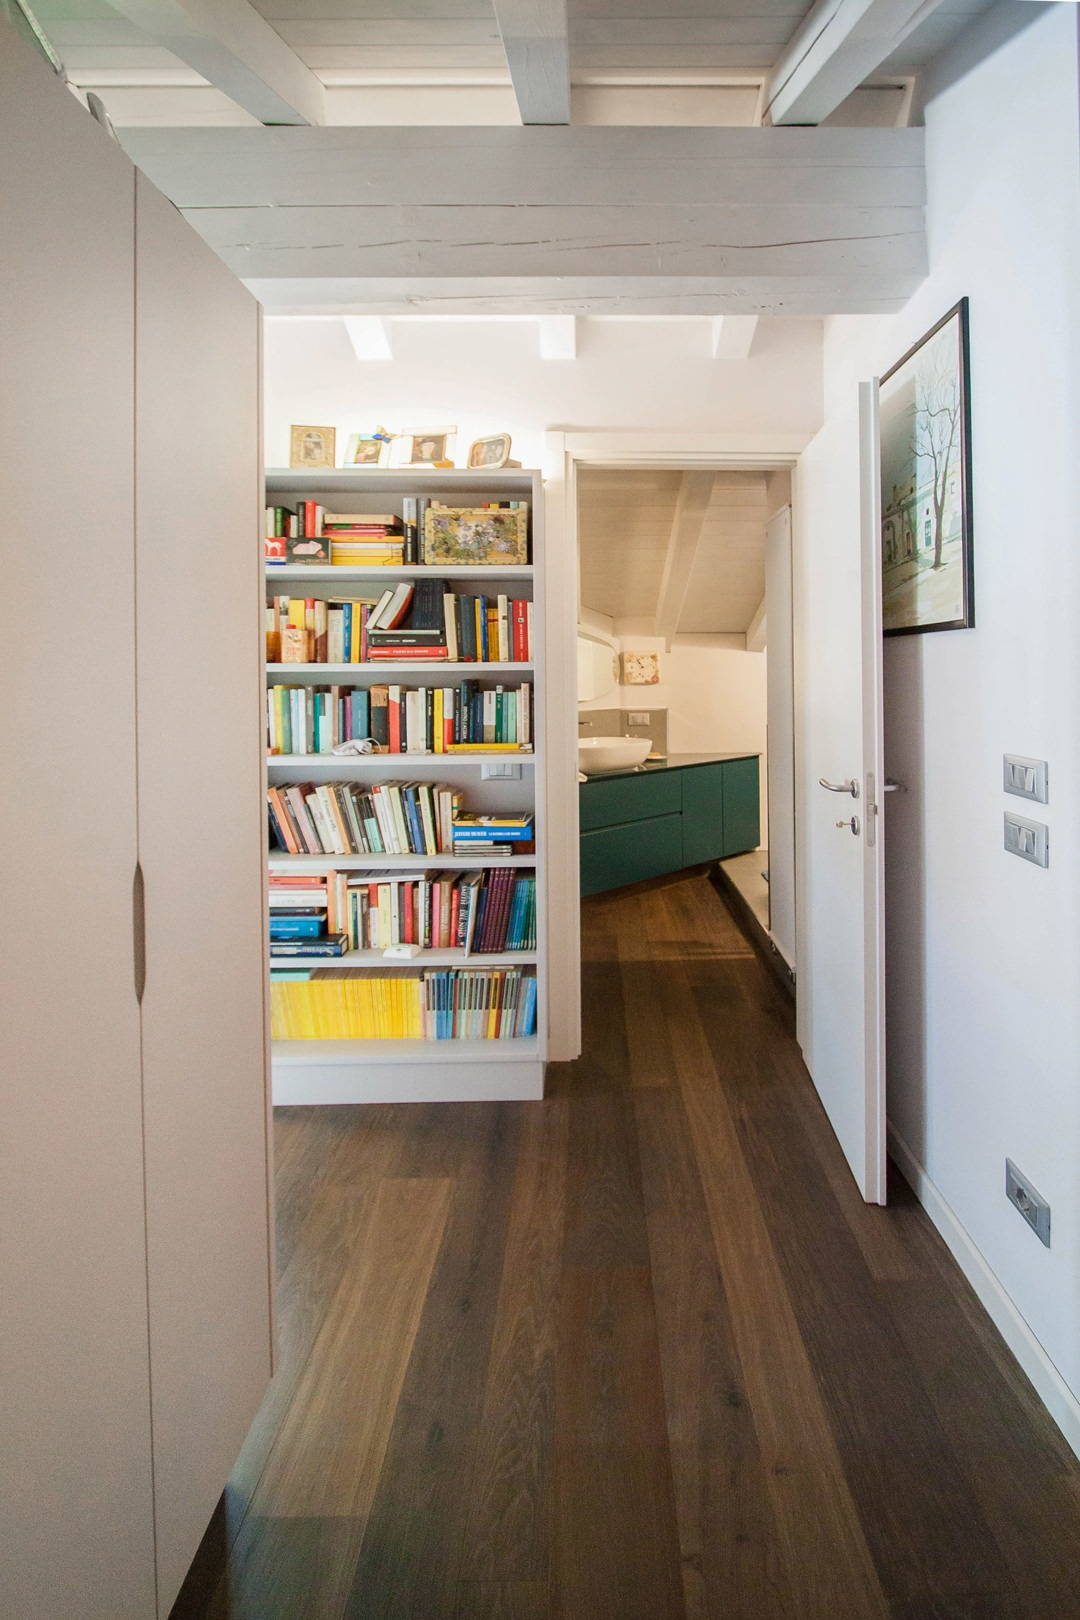 corridoio-attrezzato-ingresso-bagno-contemporaneo-libreria